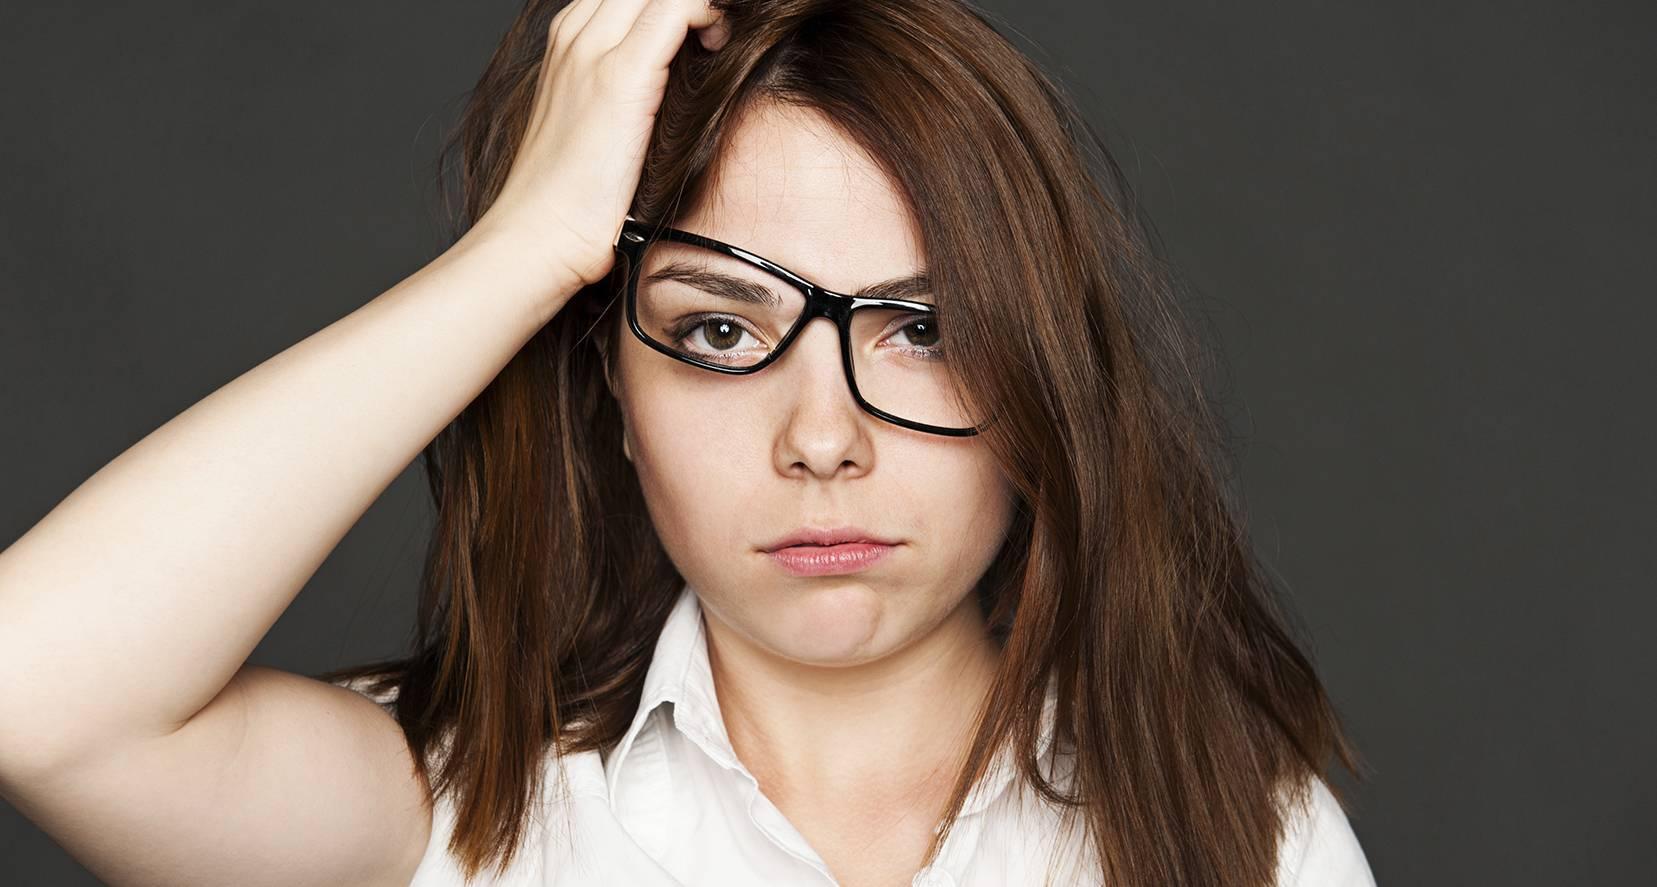 Фебрильная шизофрения: симптомы и прогноз